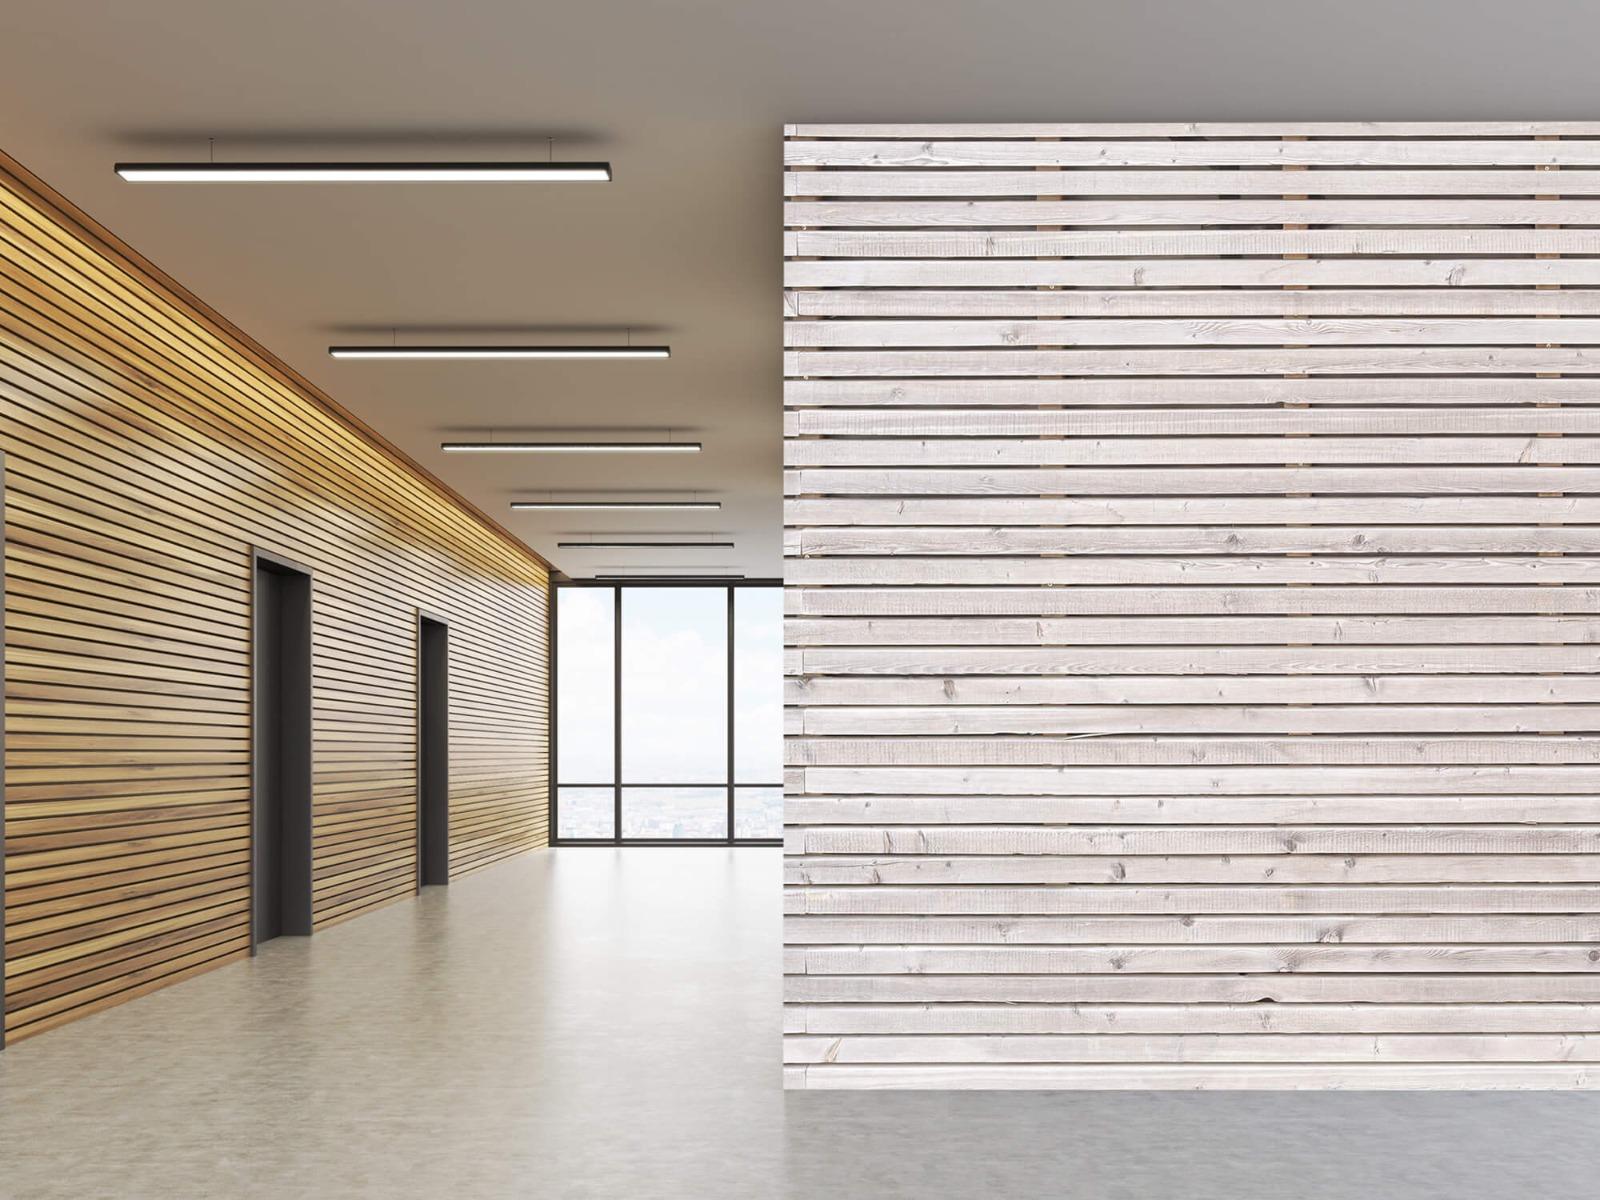 Hout behang - Horizontale planken - Wallexclusive - Woonkamer 7